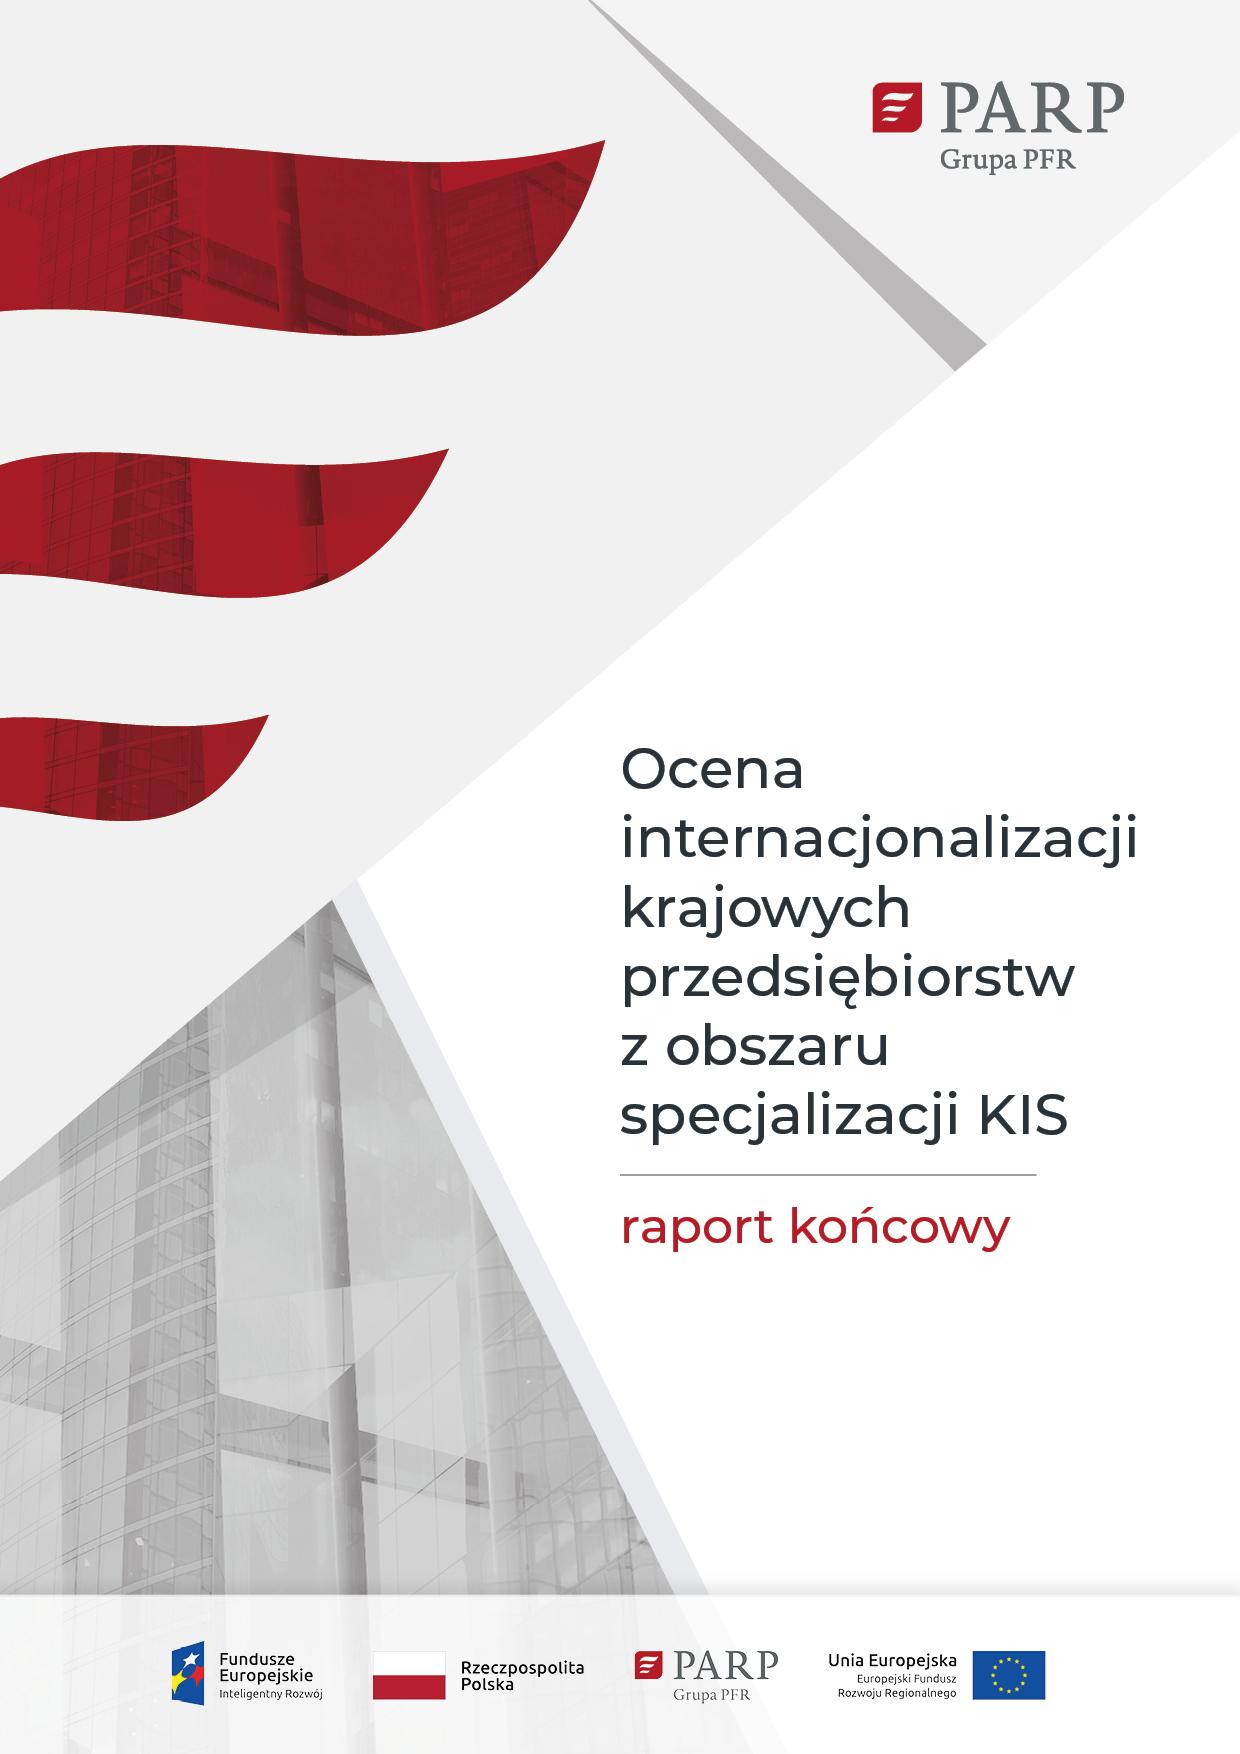 Ocena internacjonalizacji krajowych przedsiębiorstw z obszaru specjalizacji KIS - raport końcowy